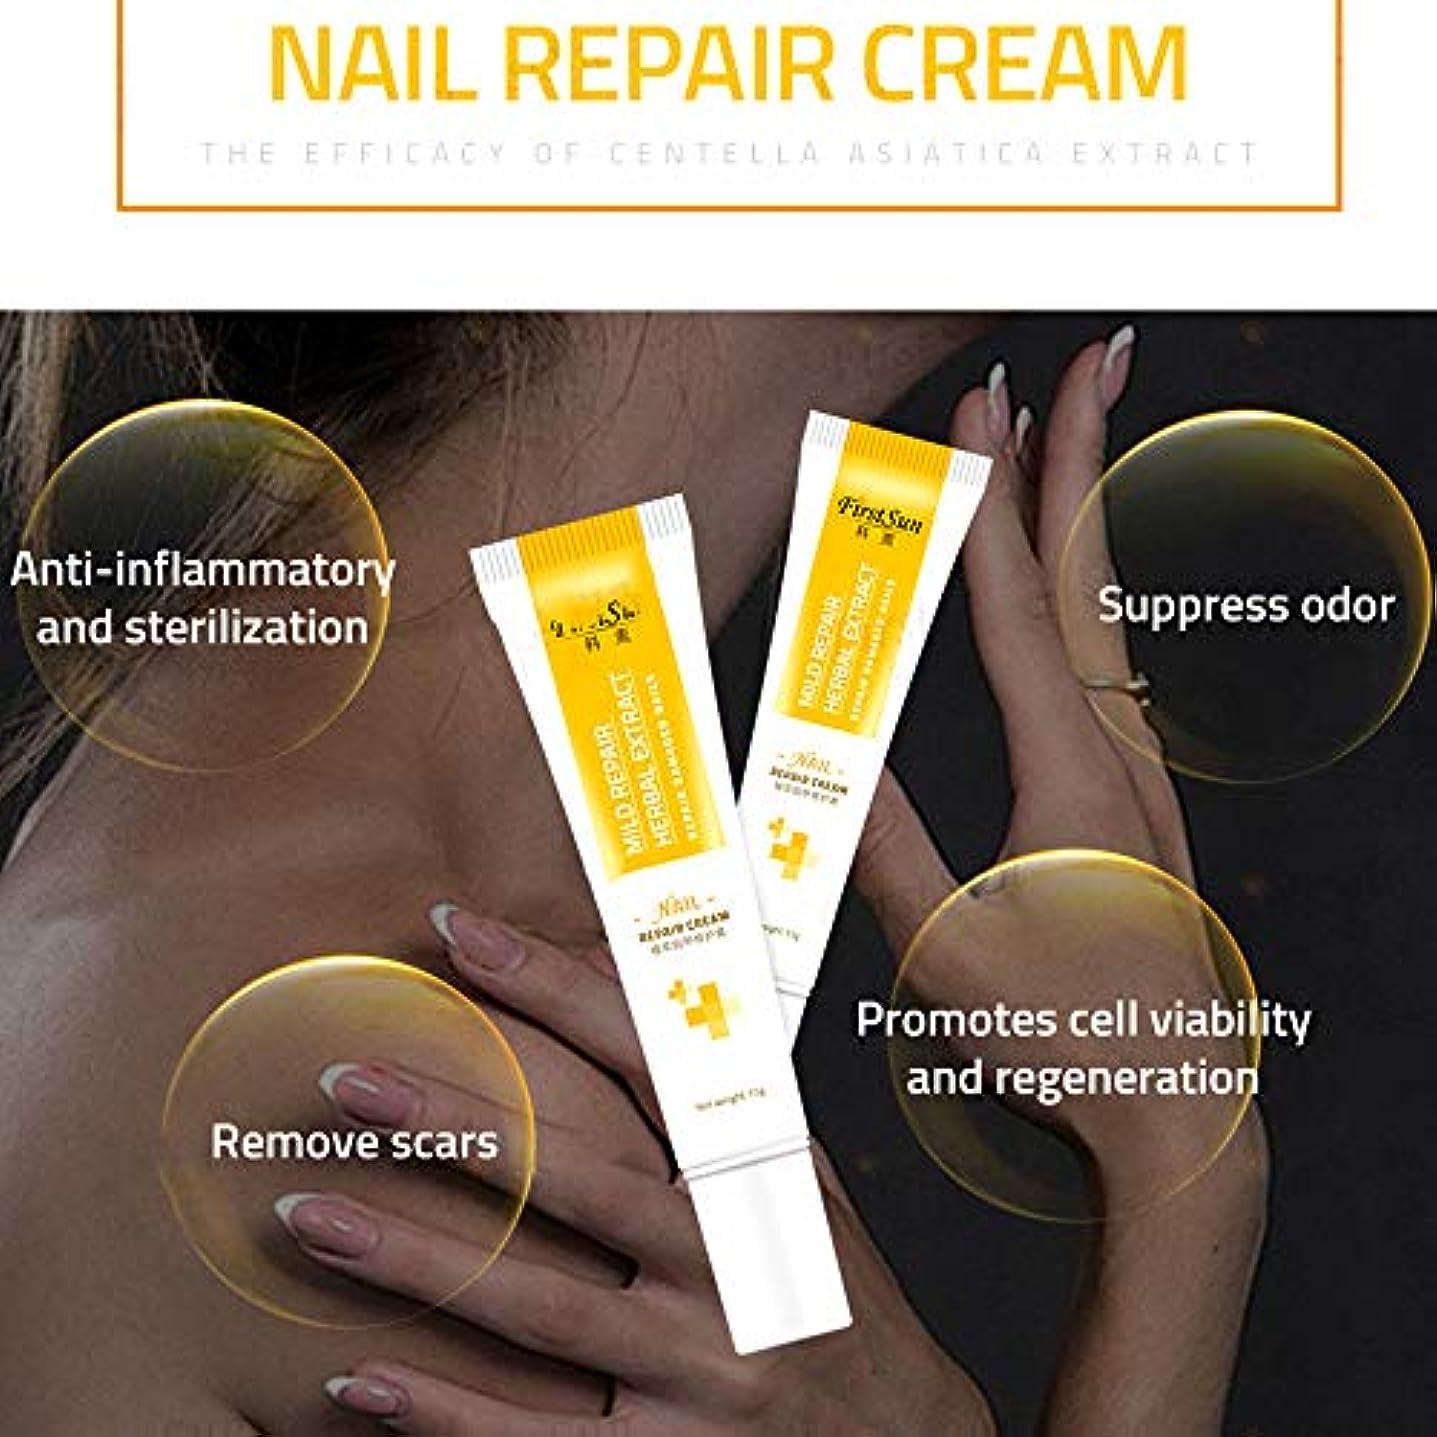 おんどり頭痛同情ネイルクリーム、爪真菌治療爪修復クリーム爪真菌症爪周囲炎抗真菌感染は、保護ネイルケアを強化